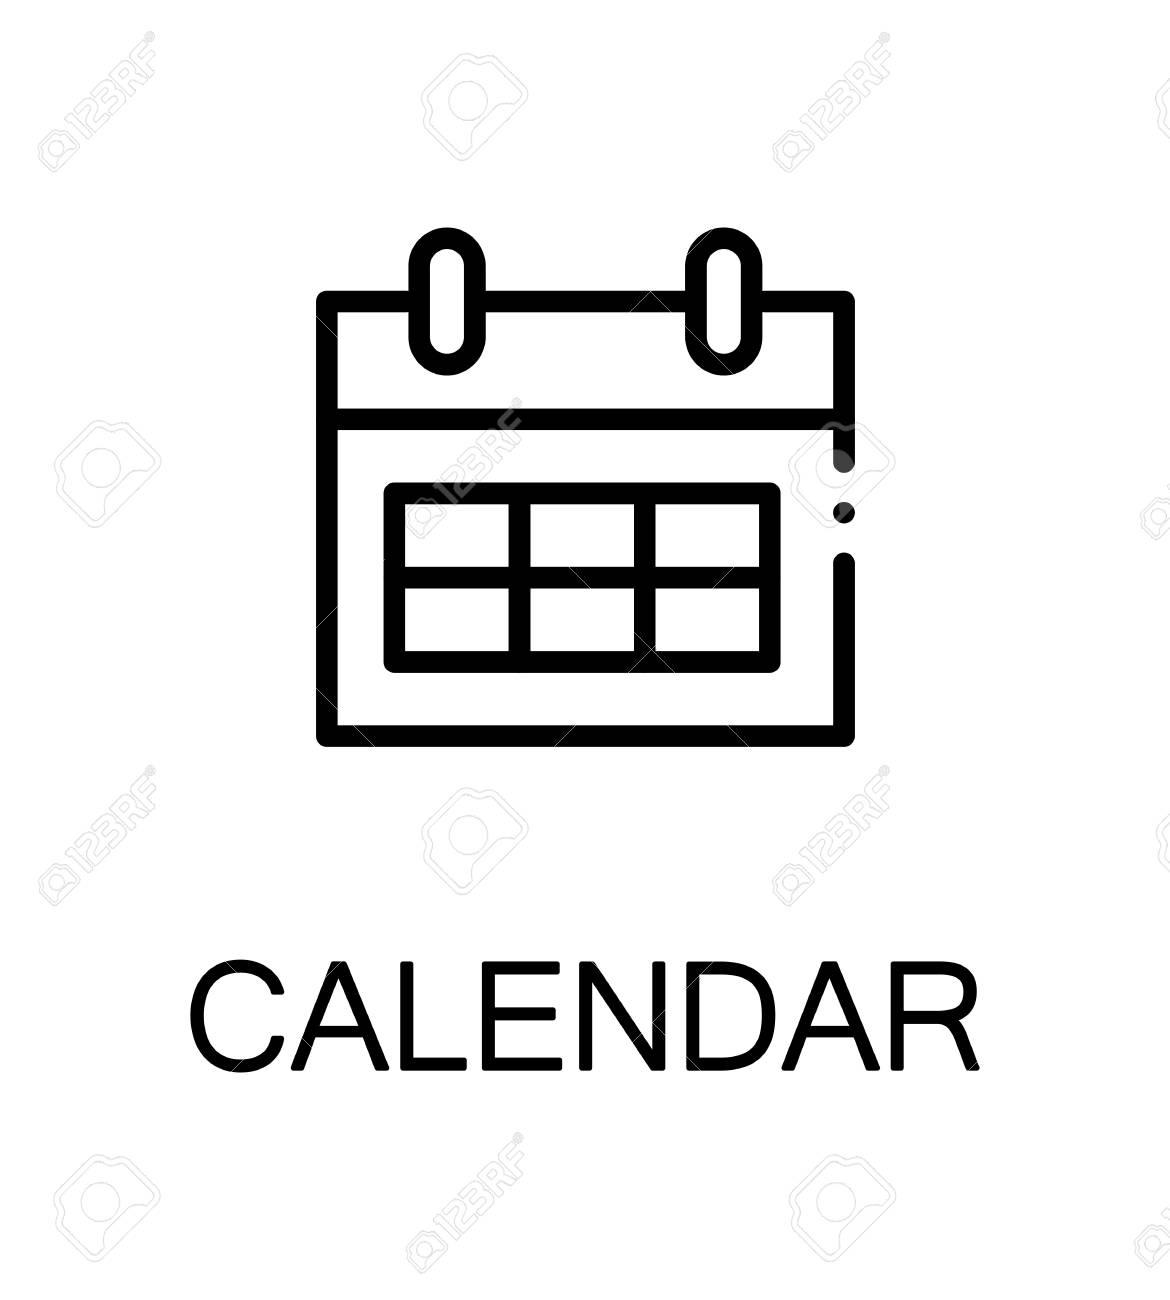 Simbolo De Calendario.Icona Del Calendario Unico Simbolo Di Alta Qualita Per Il Web Design O L Applicazione Mobile Segno Di Linea Sottile